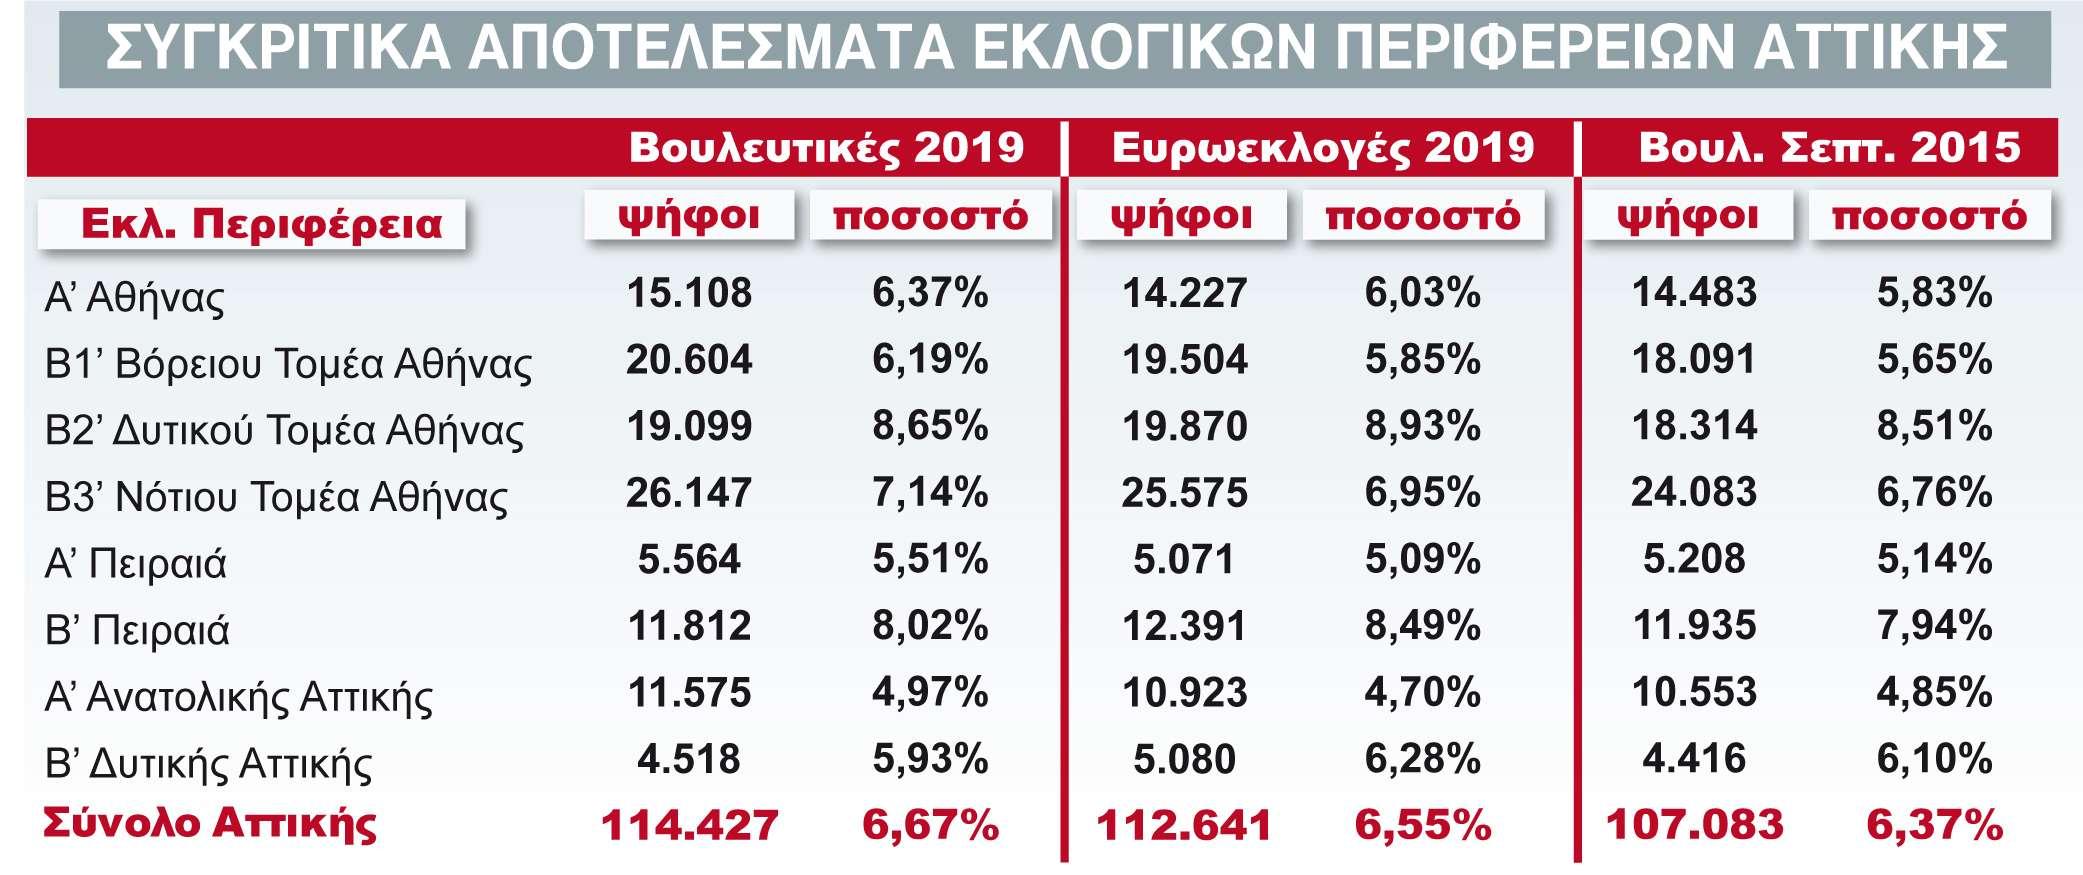 ΚΚΕ - % Εθνικών Εκλογών Αττικής